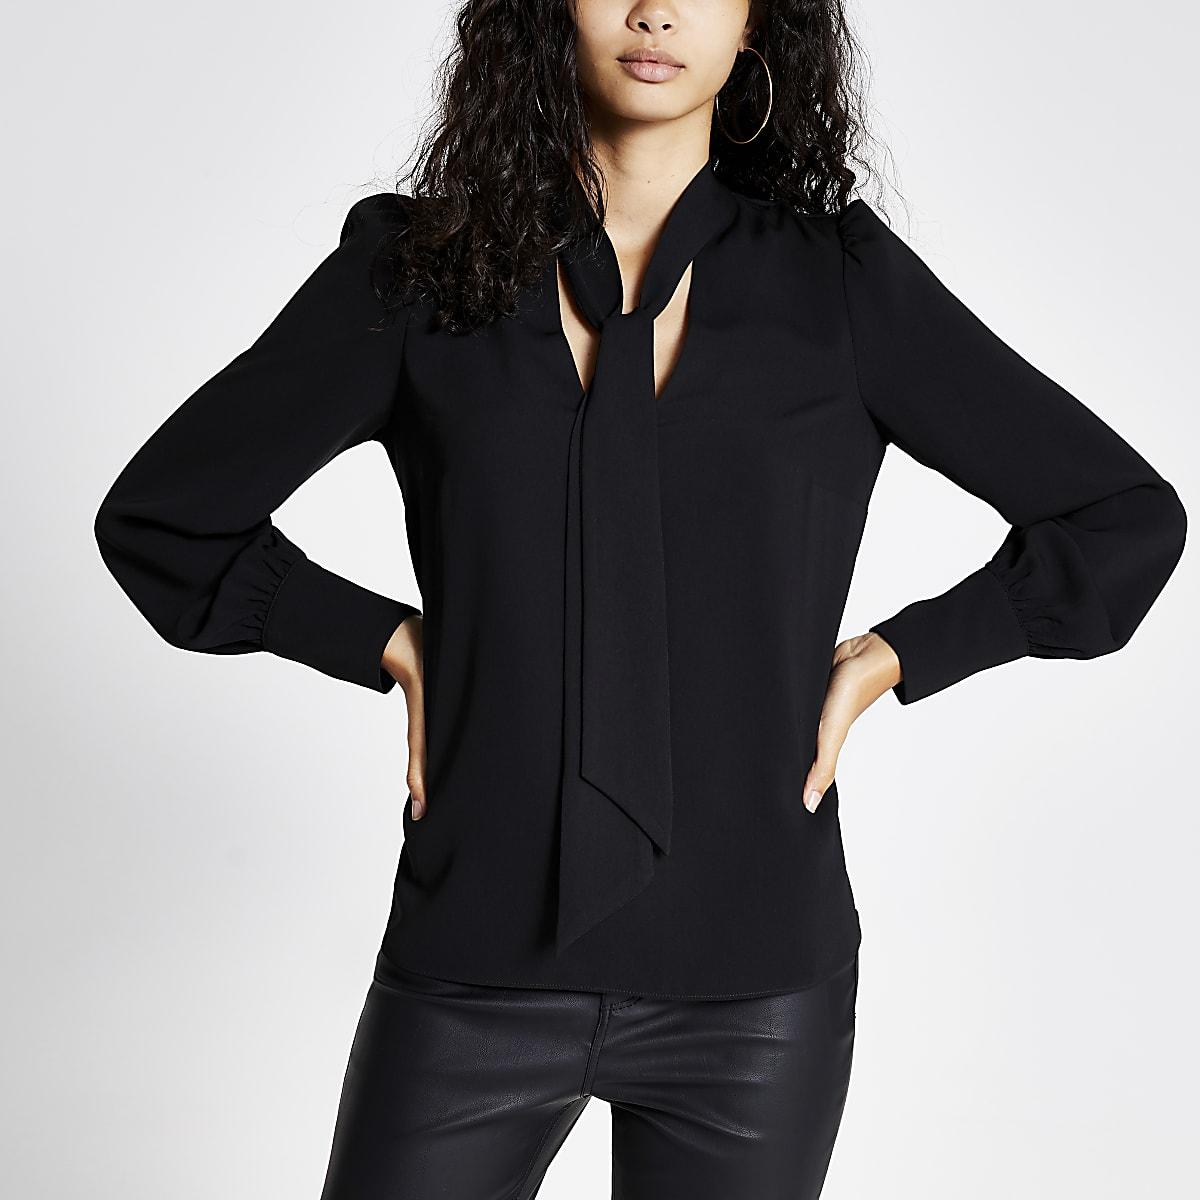 Zwarte blouse met lange mouwen en strik bij de hals